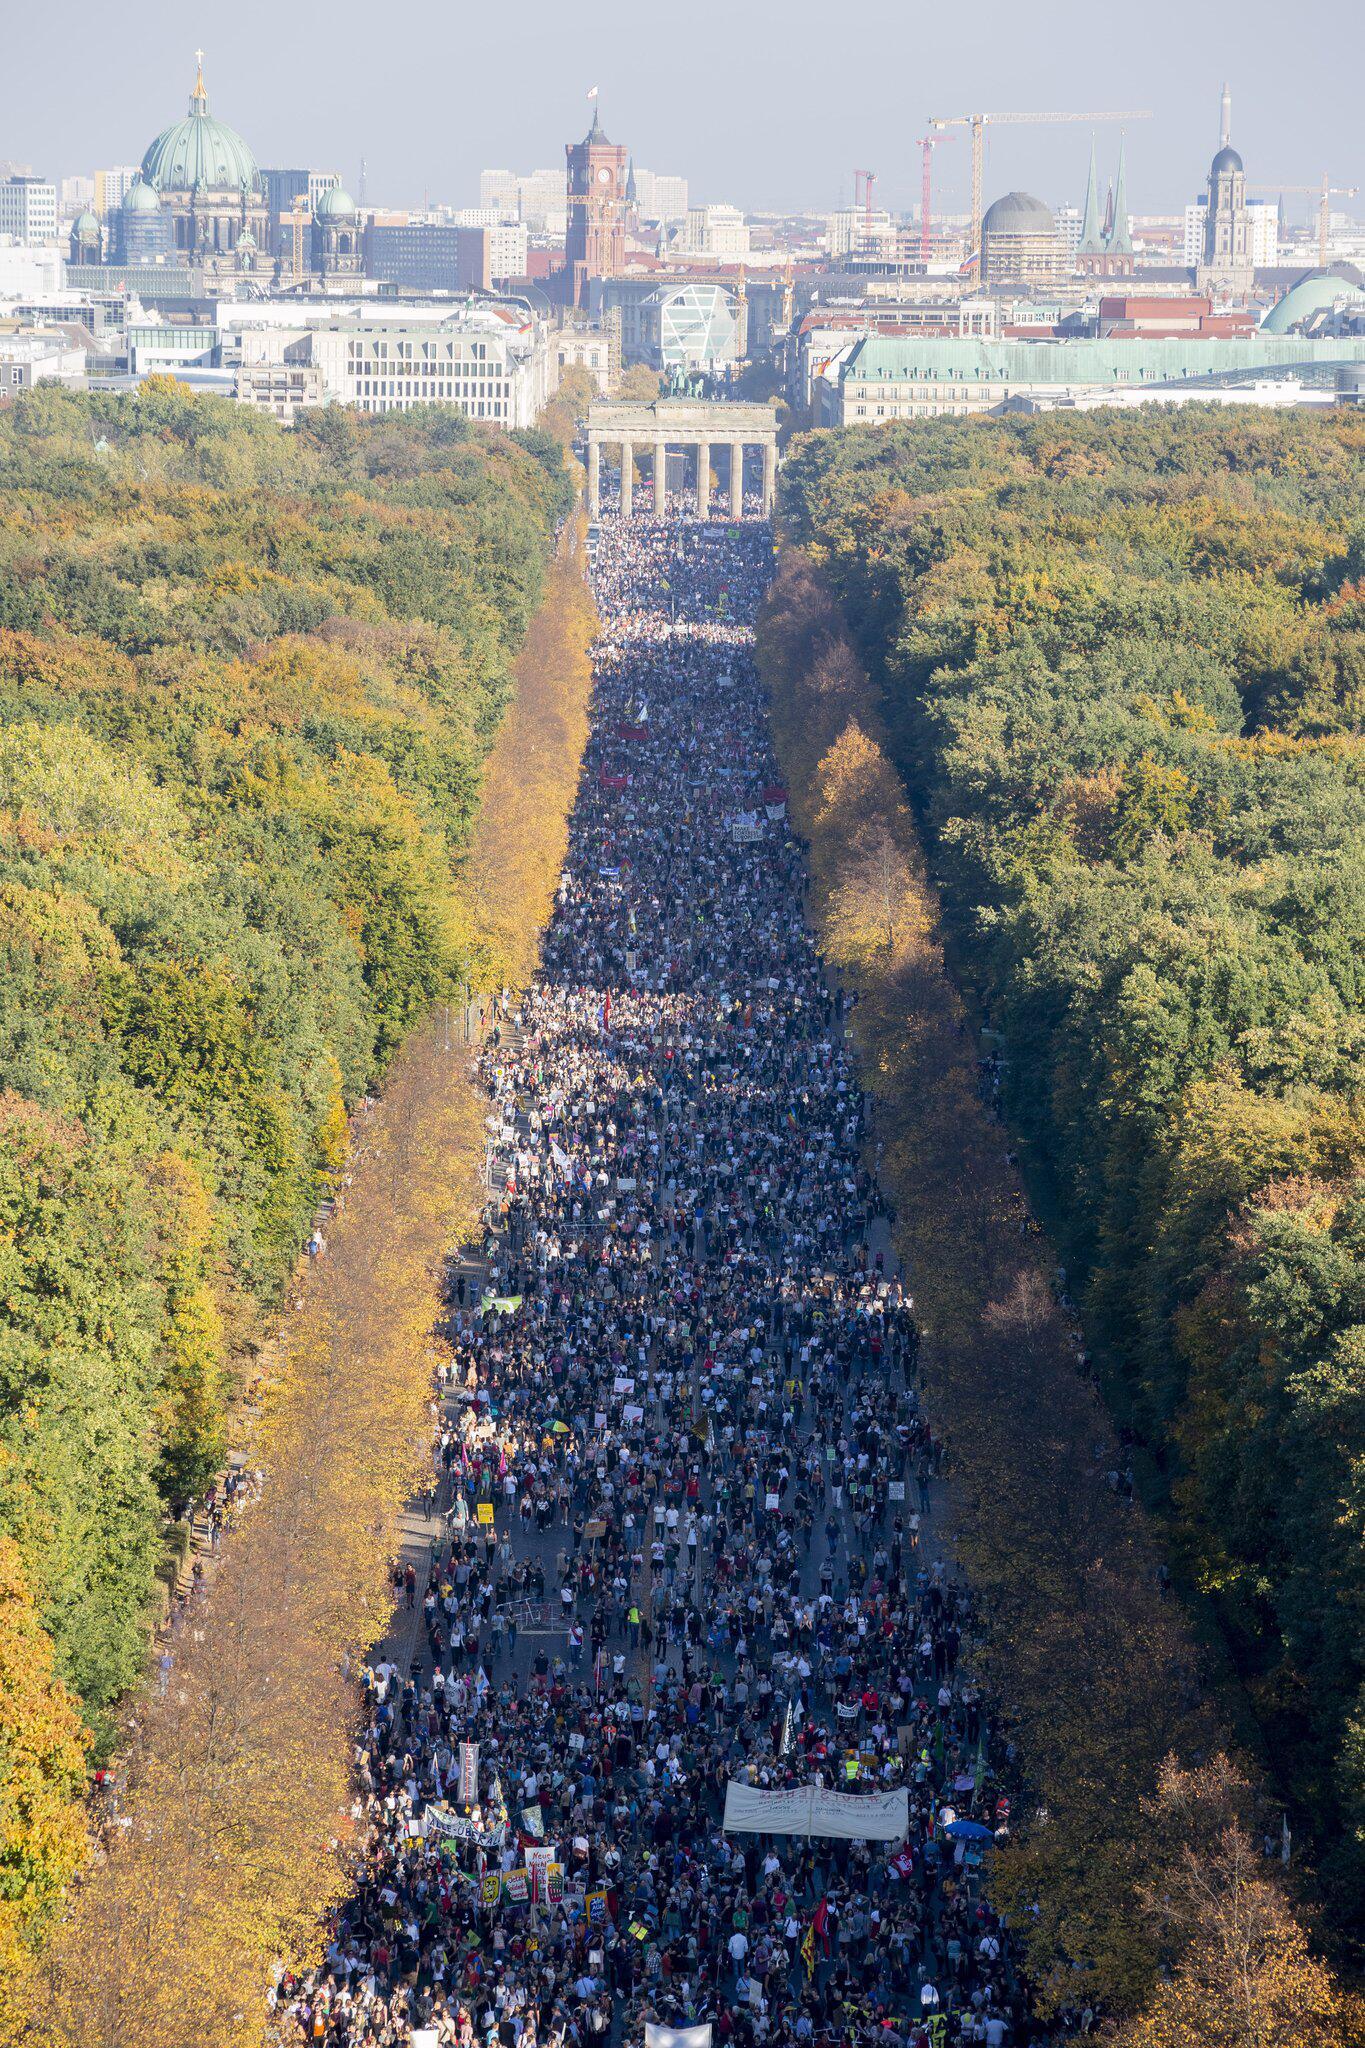 Bild zu Demonstration against racism in Berlin